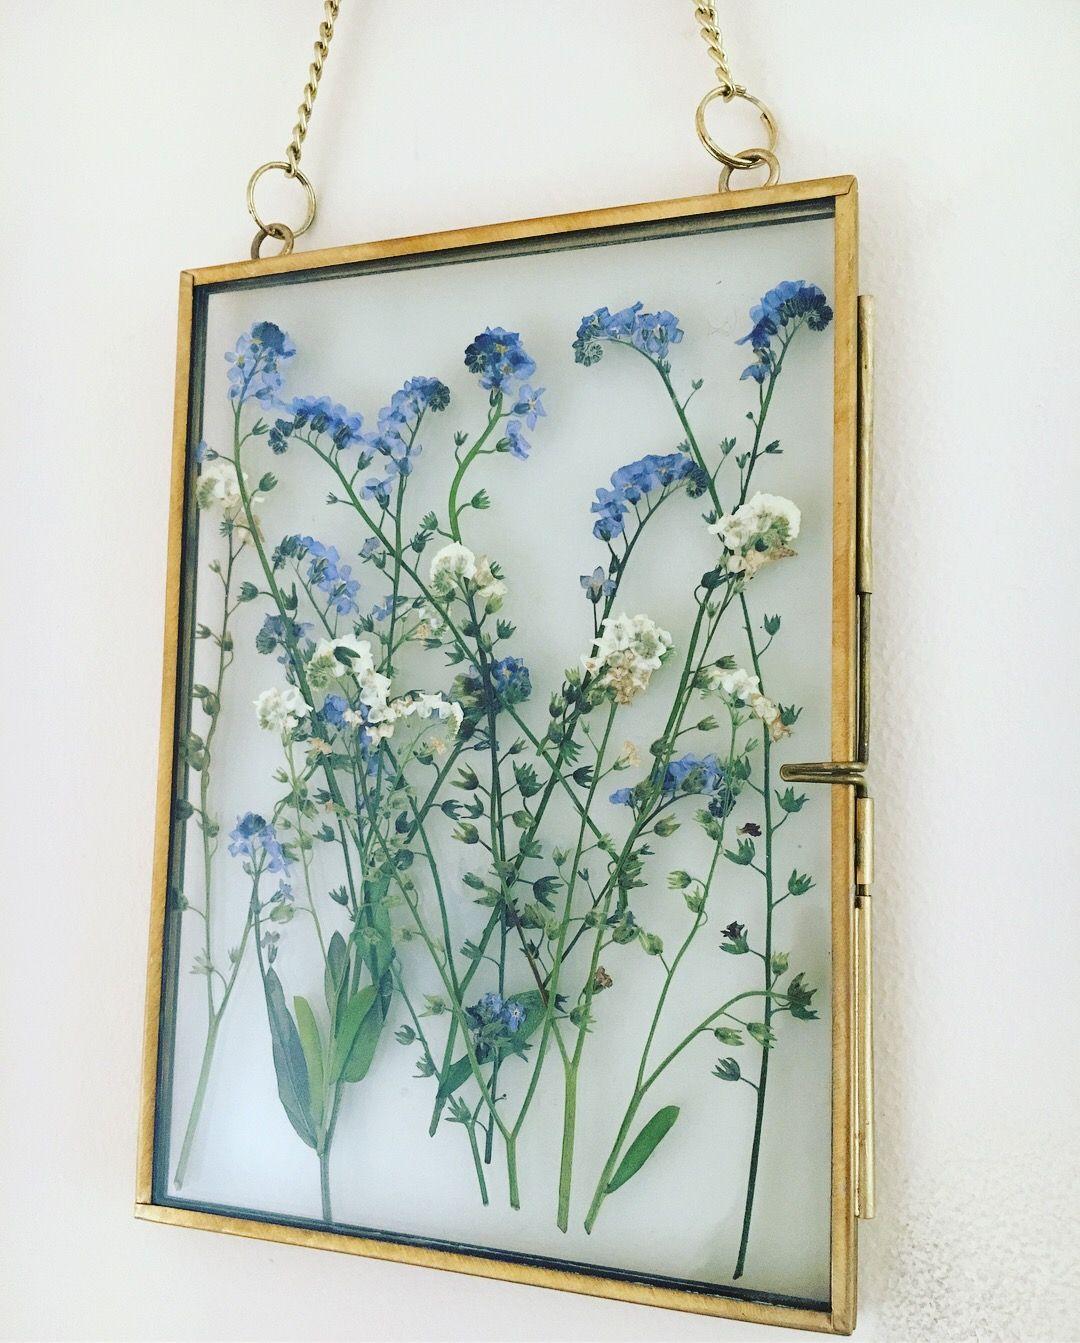 Framed pressed flowers. me nots. Pressed flowers